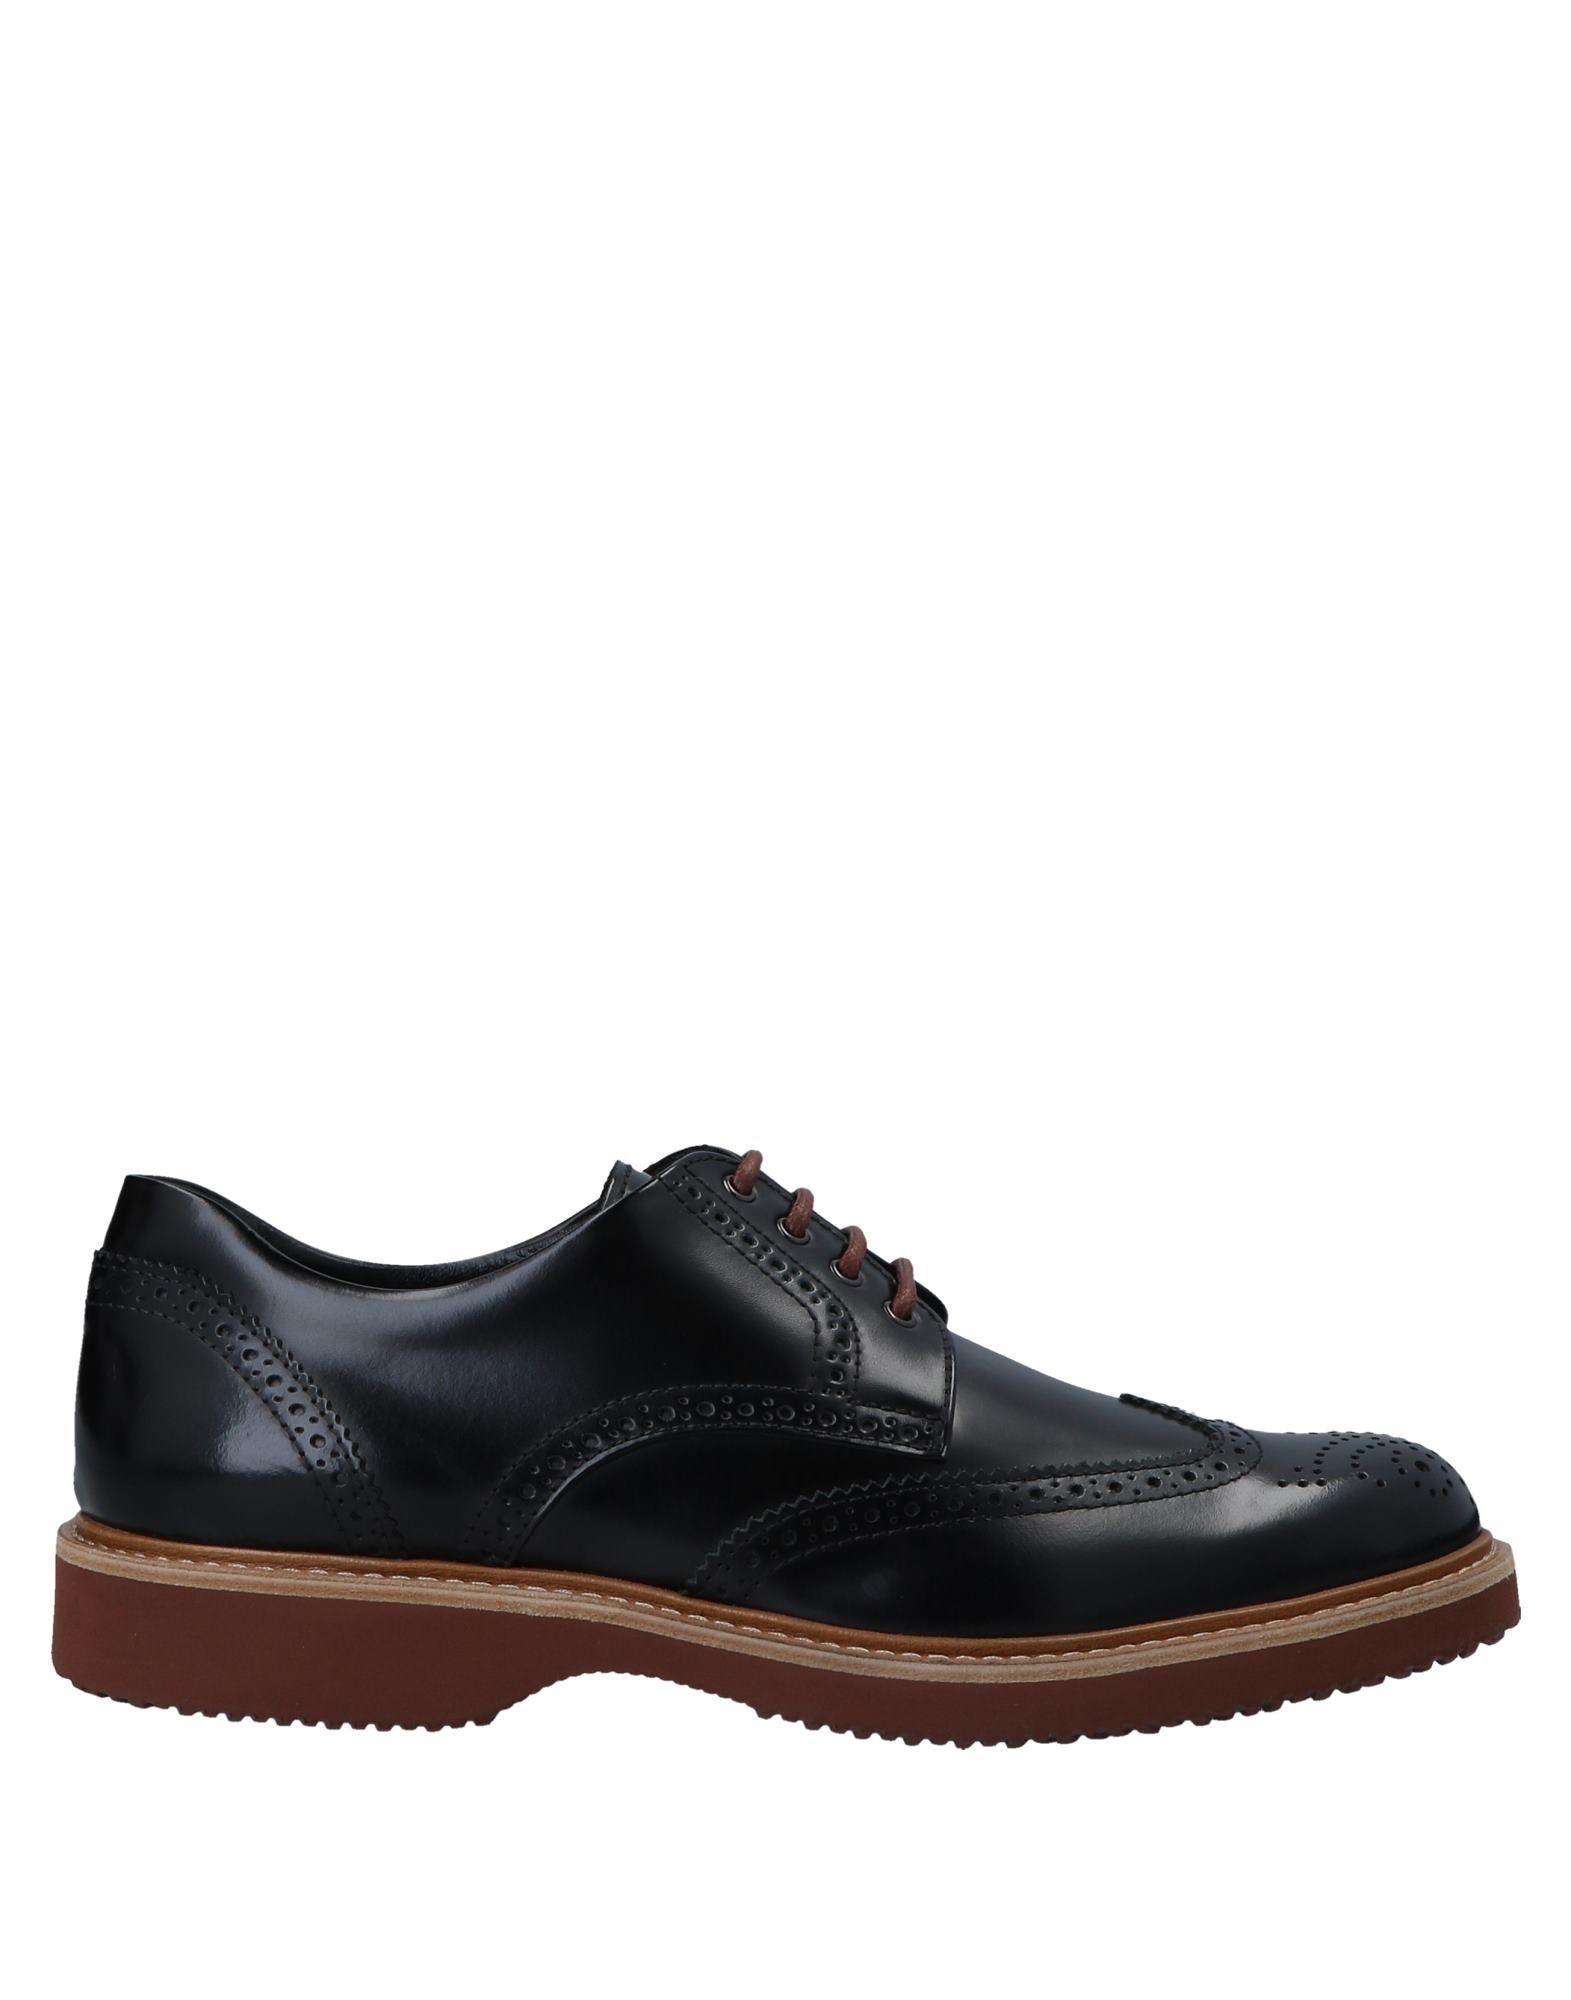 Hogan Schnürschuhe Herren  11559338LS Gute Qualität beliebte Schuhe